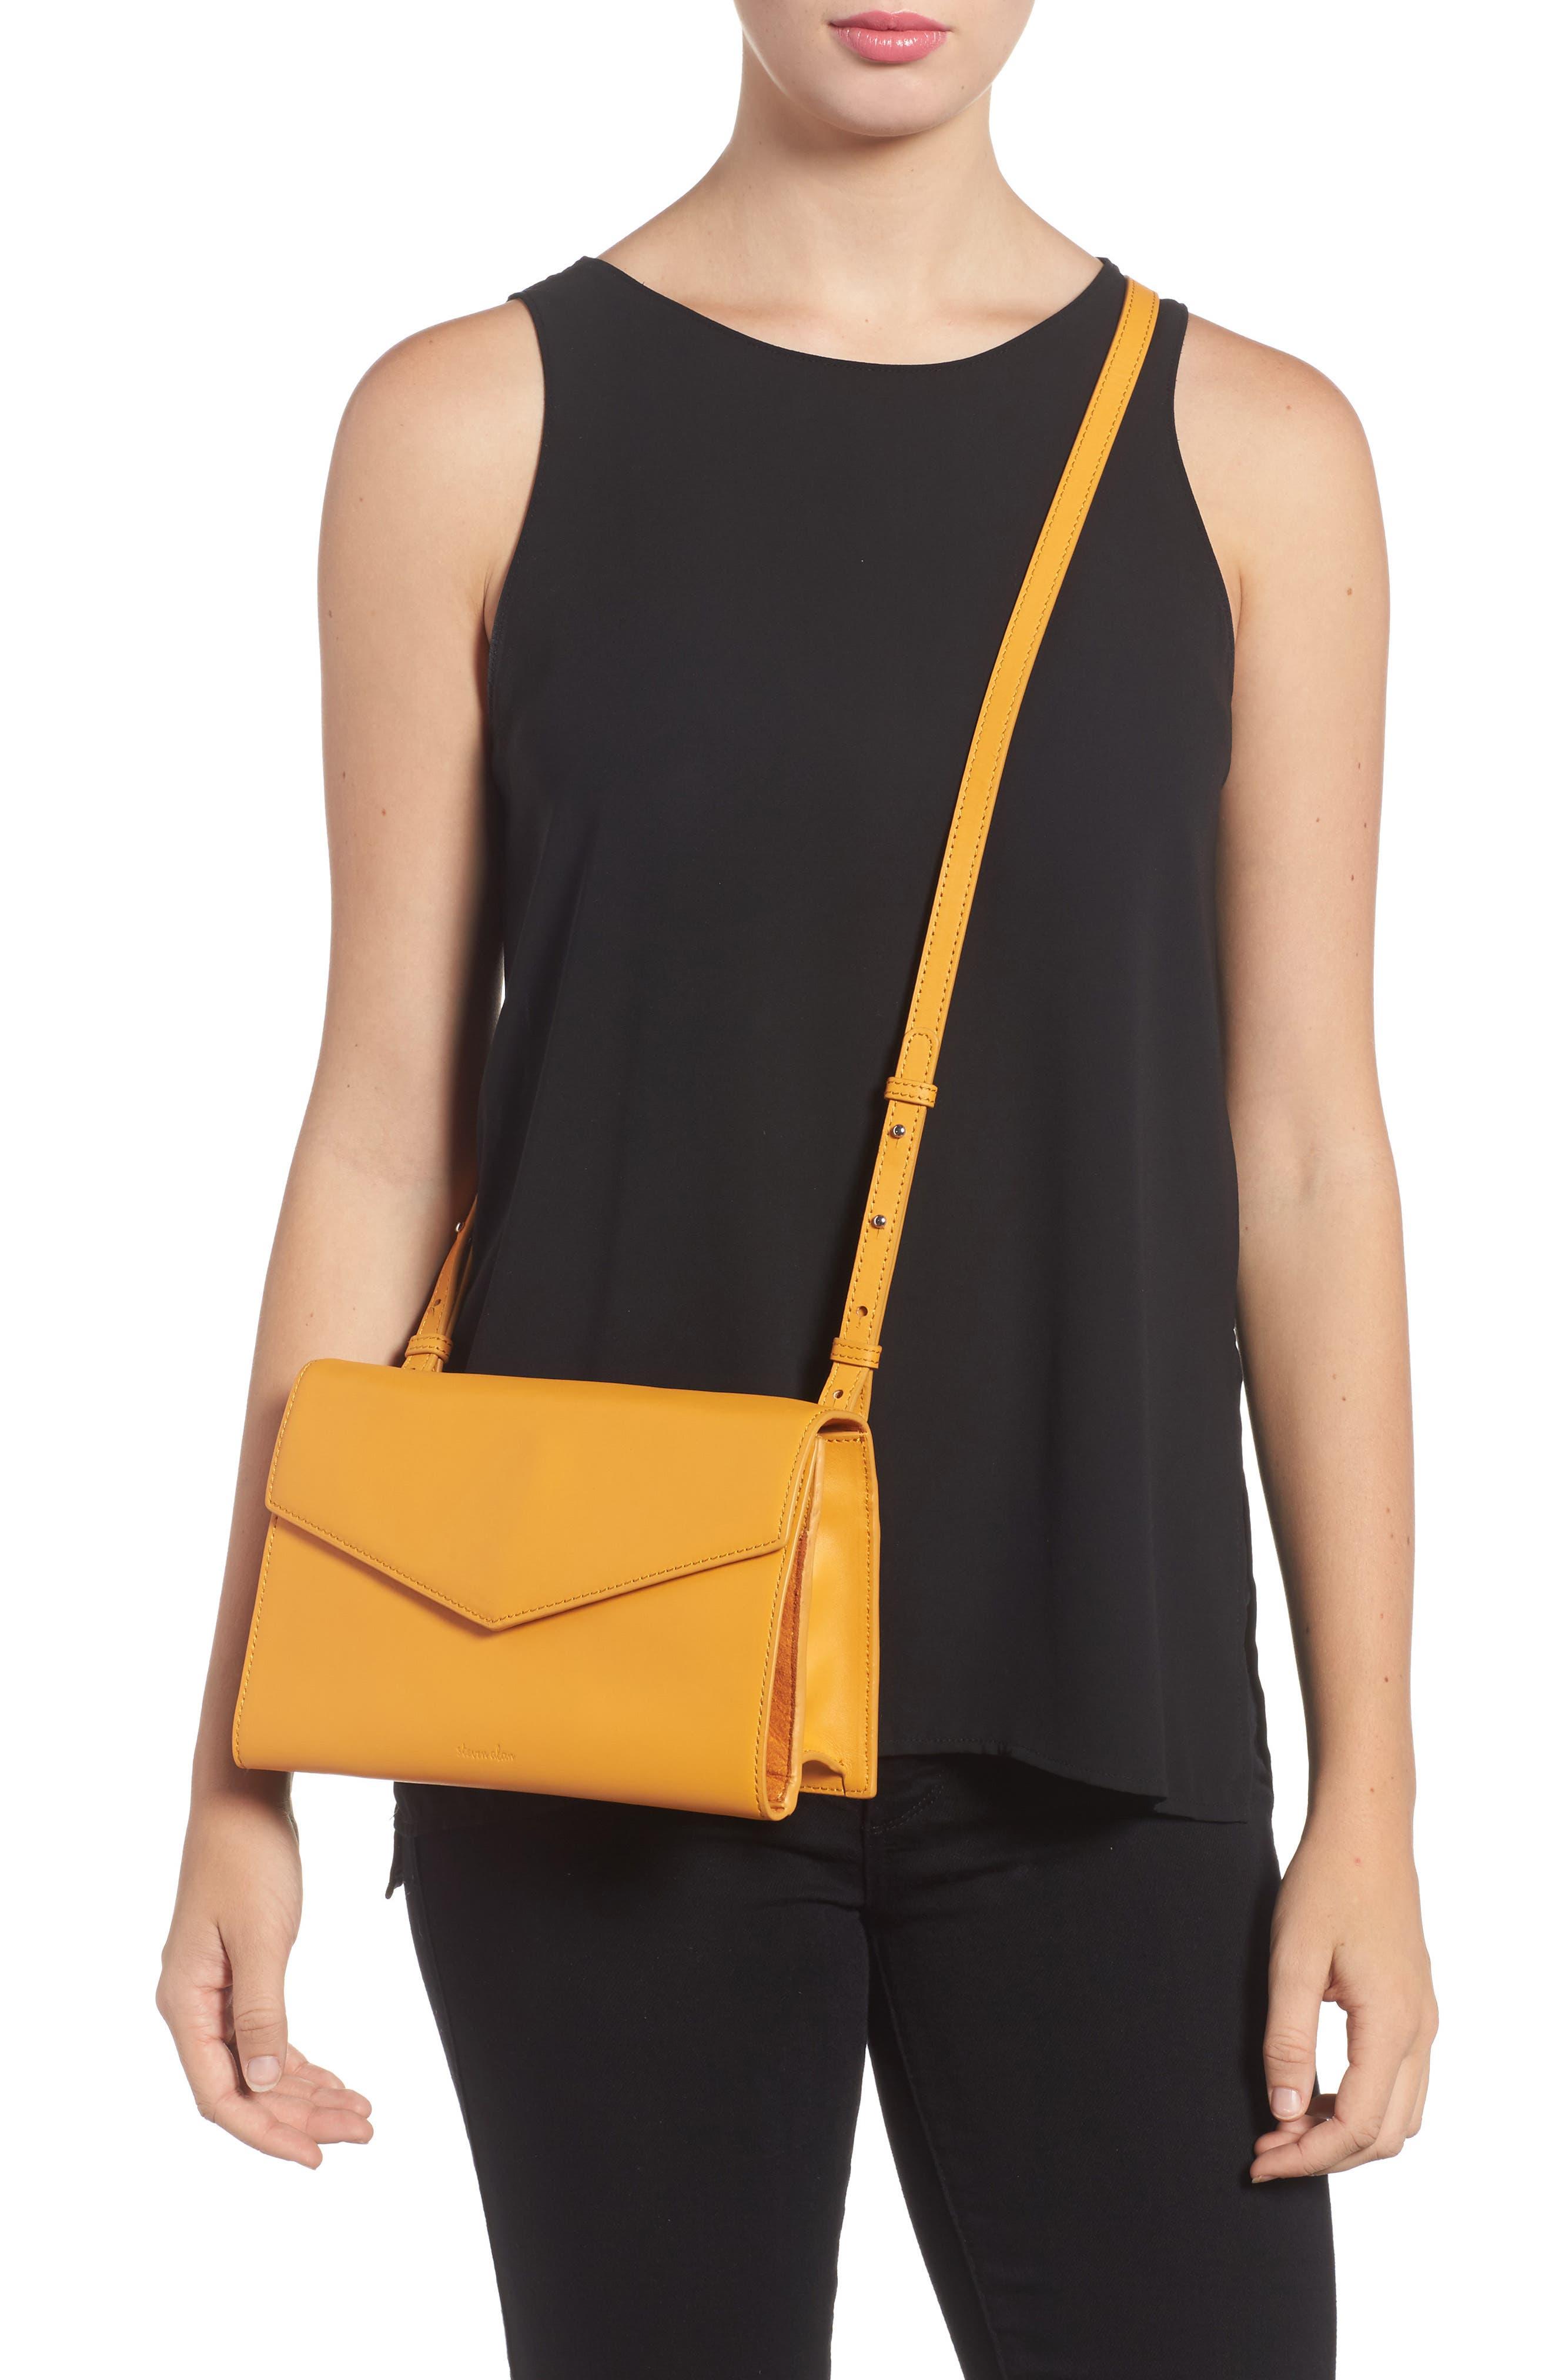 Easton Leather Envelope Crossbody Bag,                             Alternate thumbnail 2, color,                             Ochre